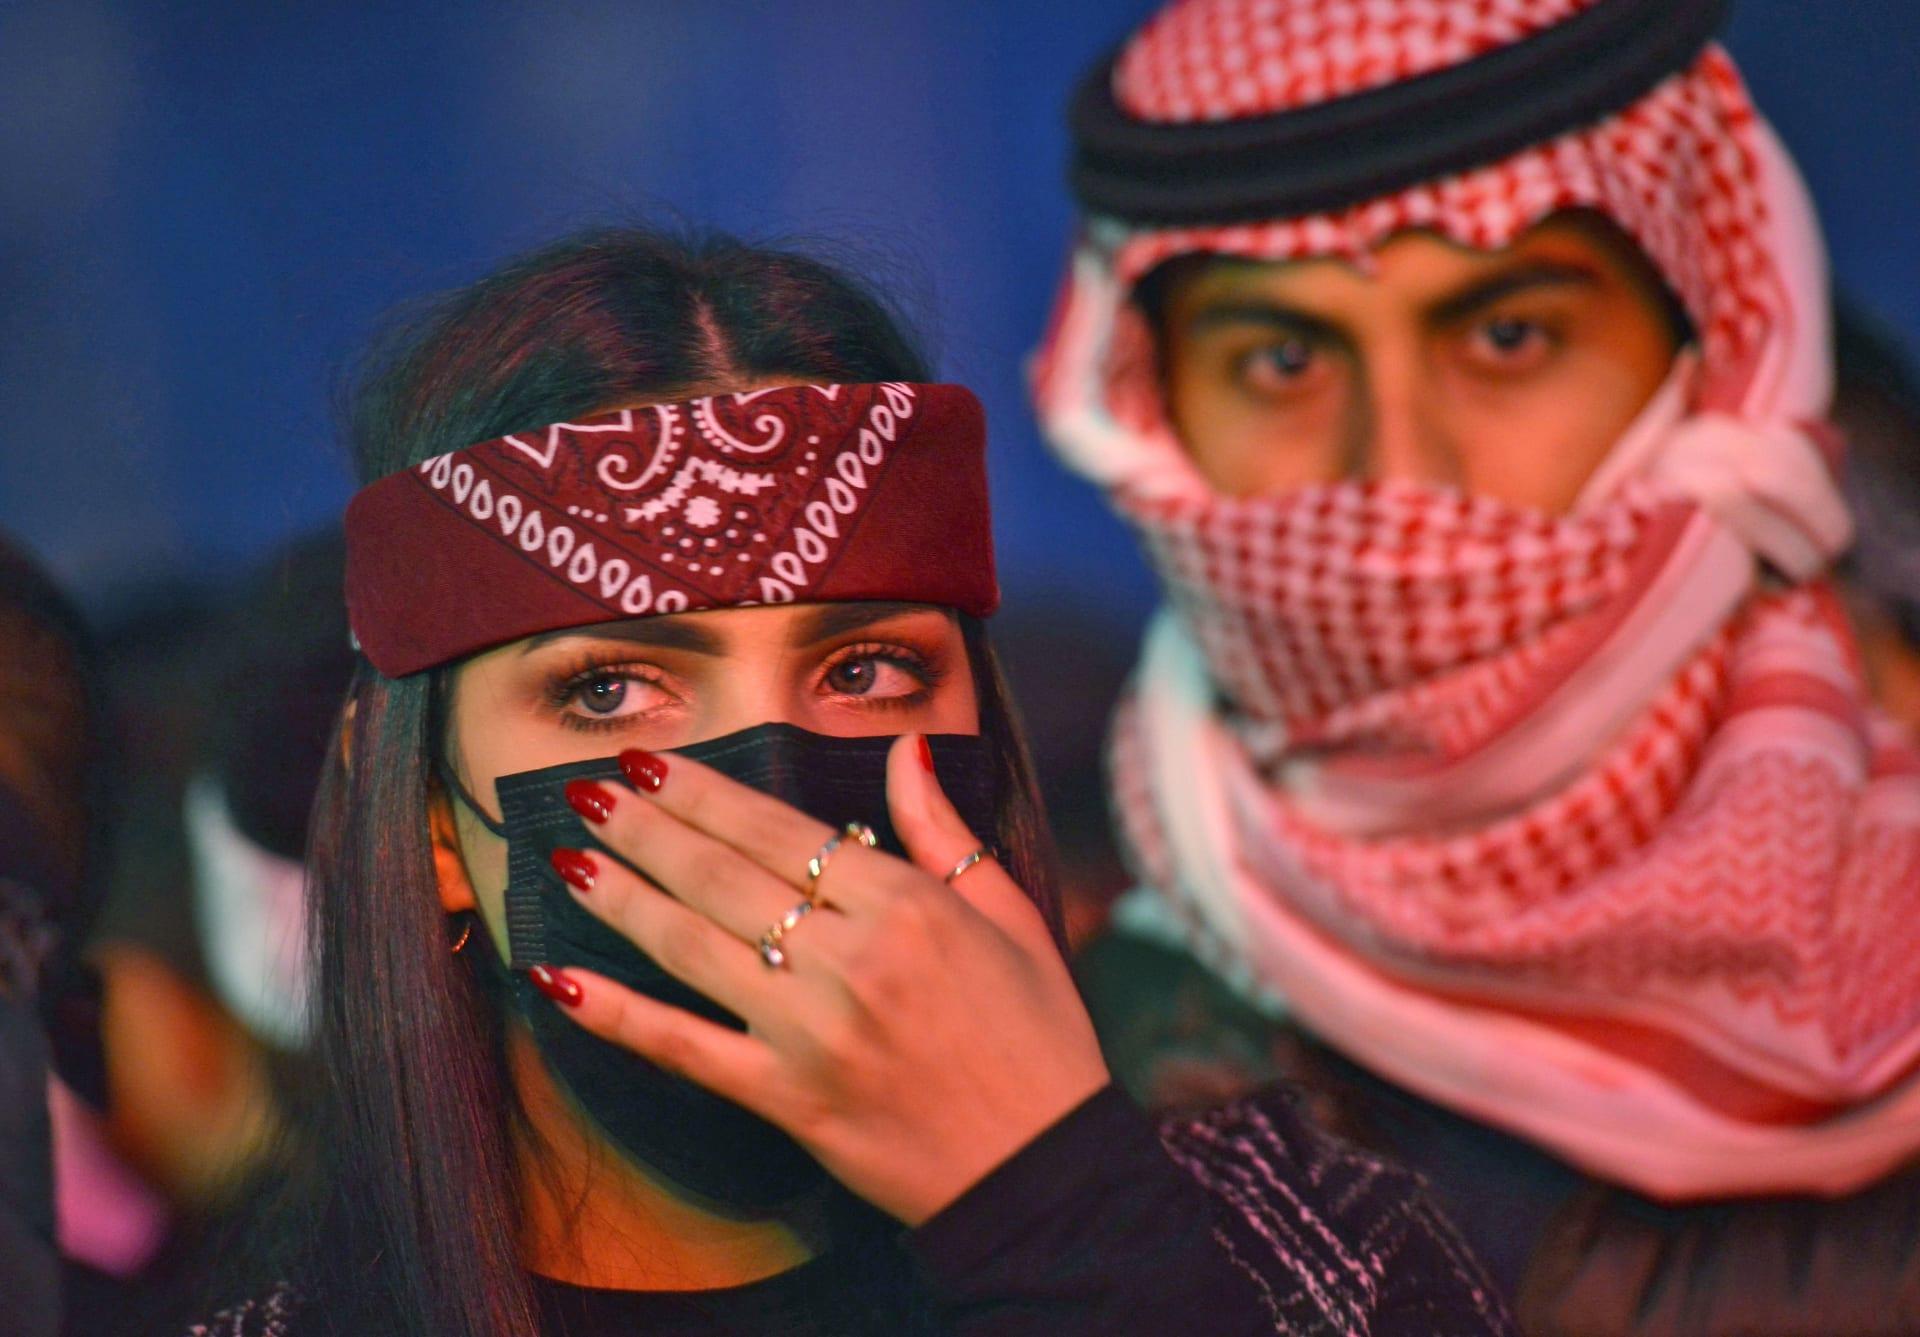 العدل السعودية: لا زواج لمن يقل عمره عن 18 عامًا.. وسنحاسب المُخالفين